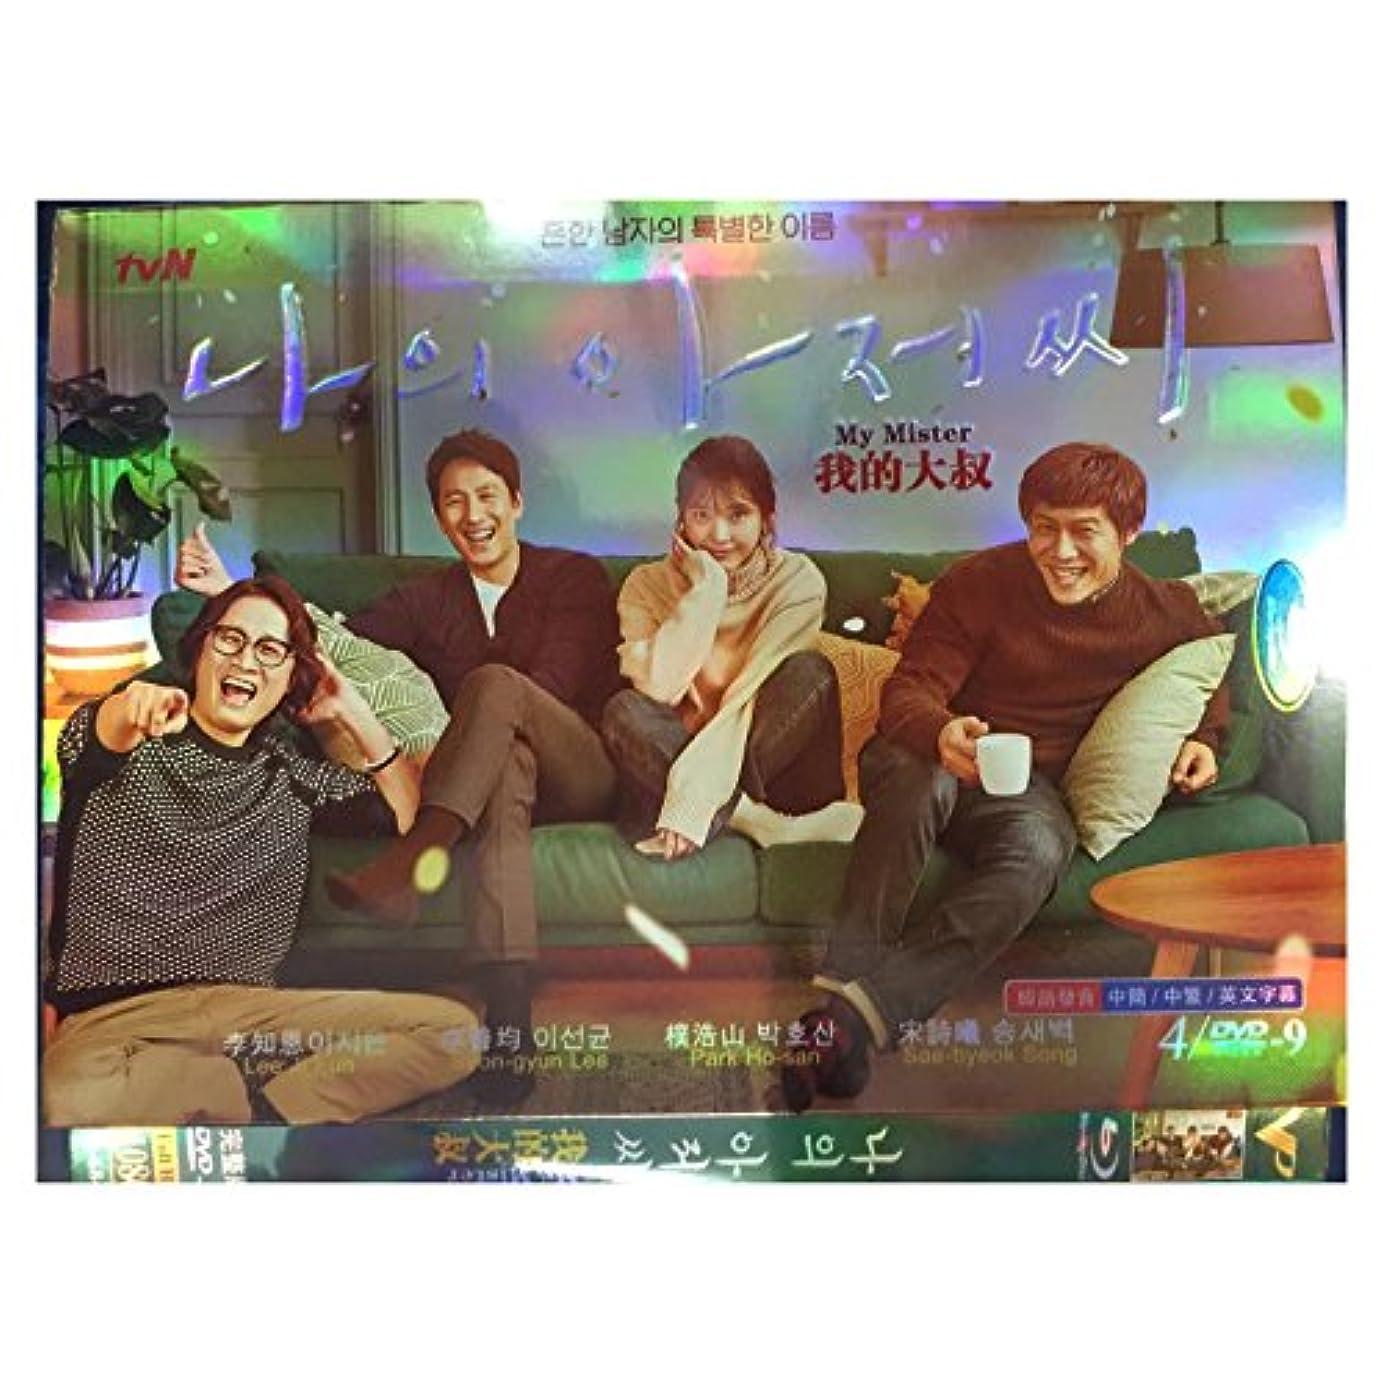 ささやき拷問冷蔵庫私のおじさん4D9 HD版Li Zhien / Li Shanjun / Gao Dou Xin / Song Shizhen / Zhang Jilong